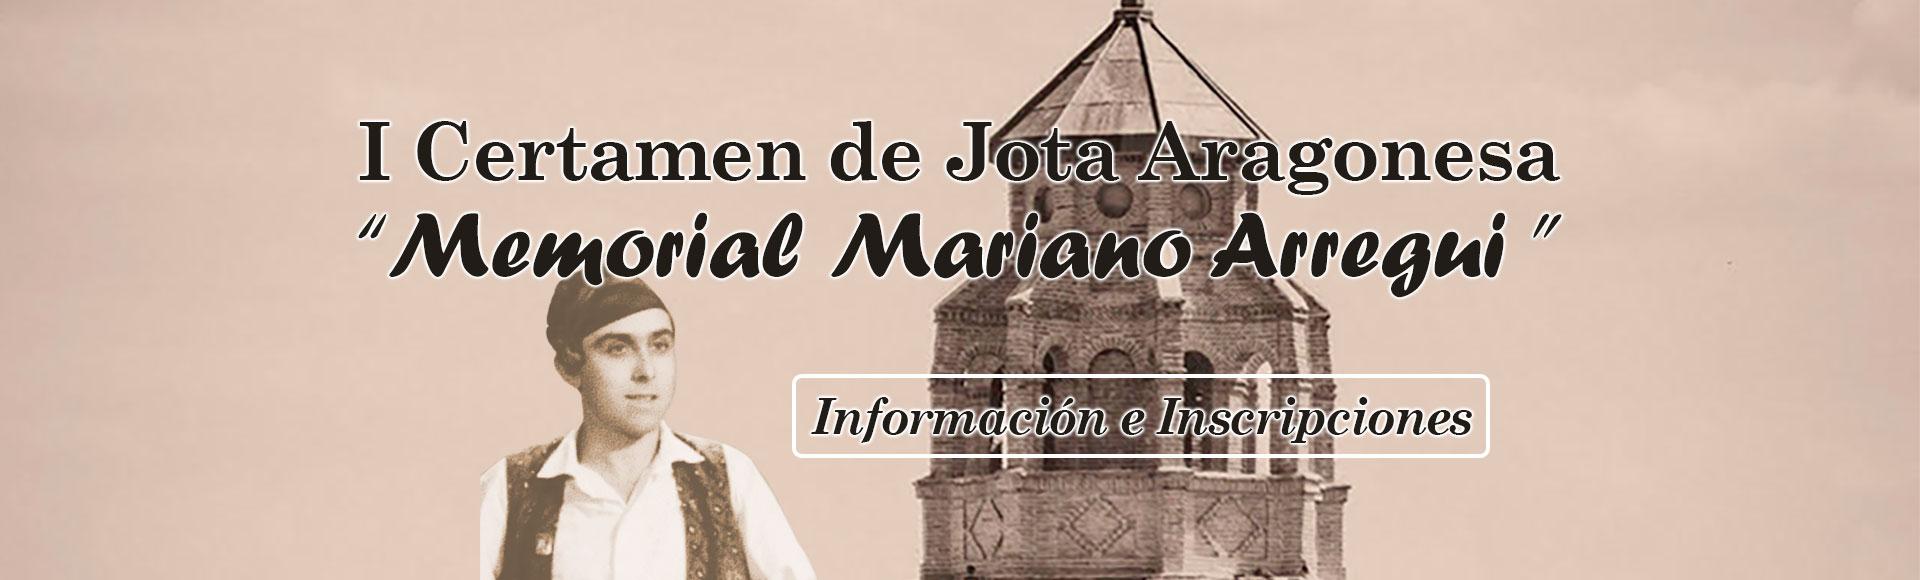 I Certamen de Jota Aragonesa Memorial Mariano Arregui